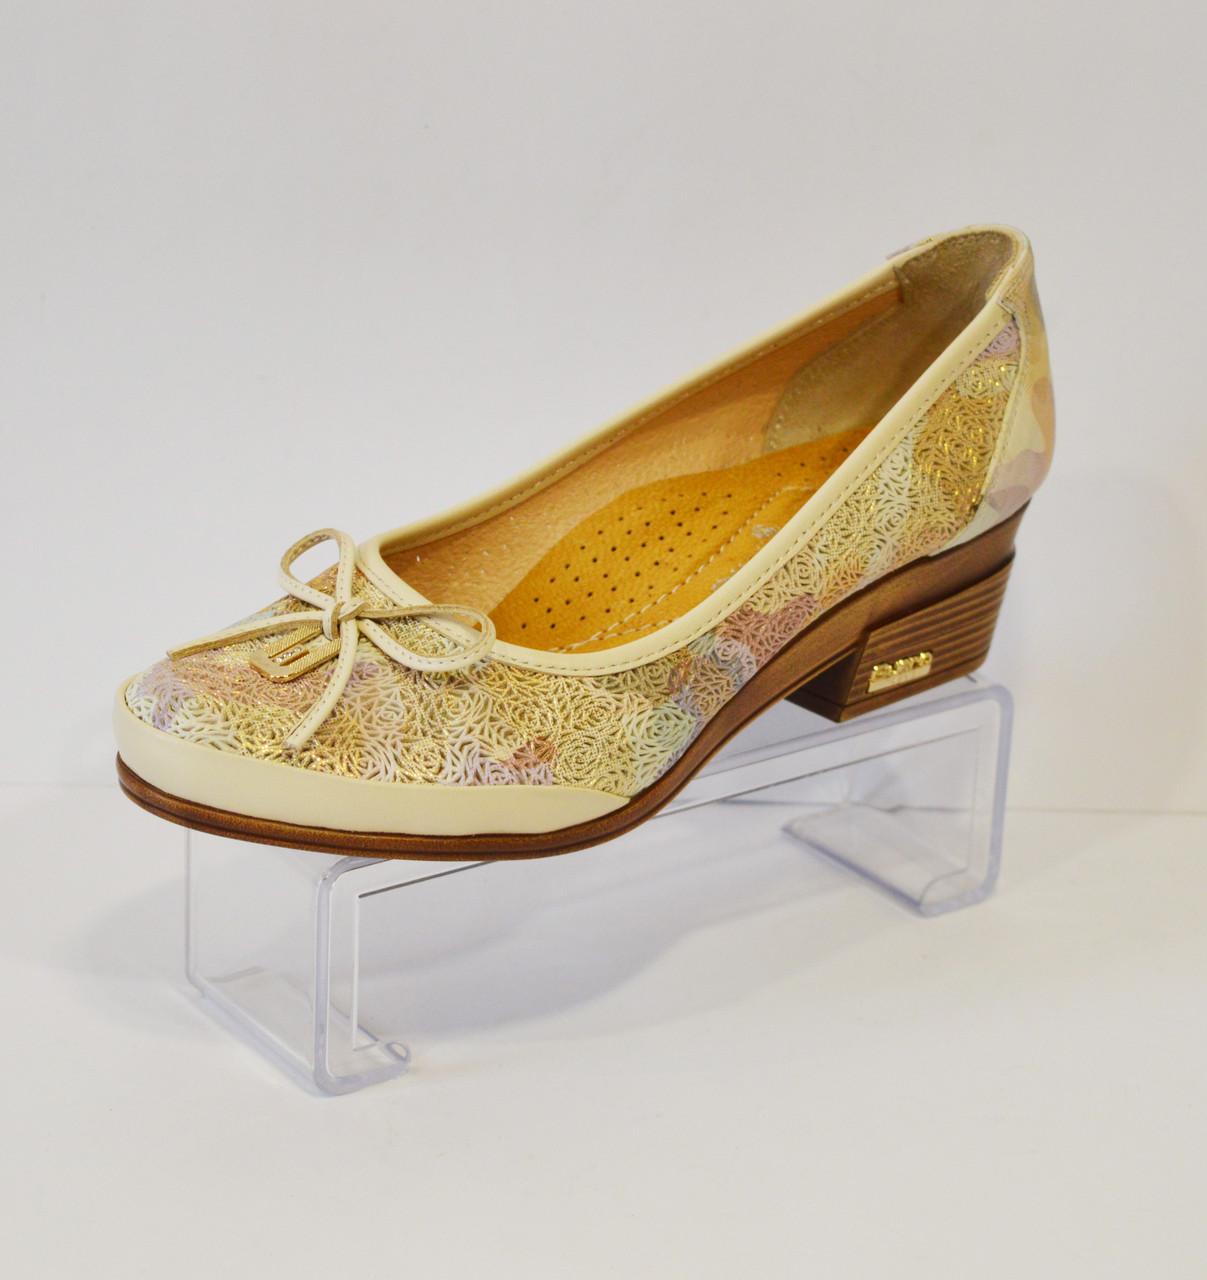 Літні жіночі туфлі Guero 01284 36 розмір